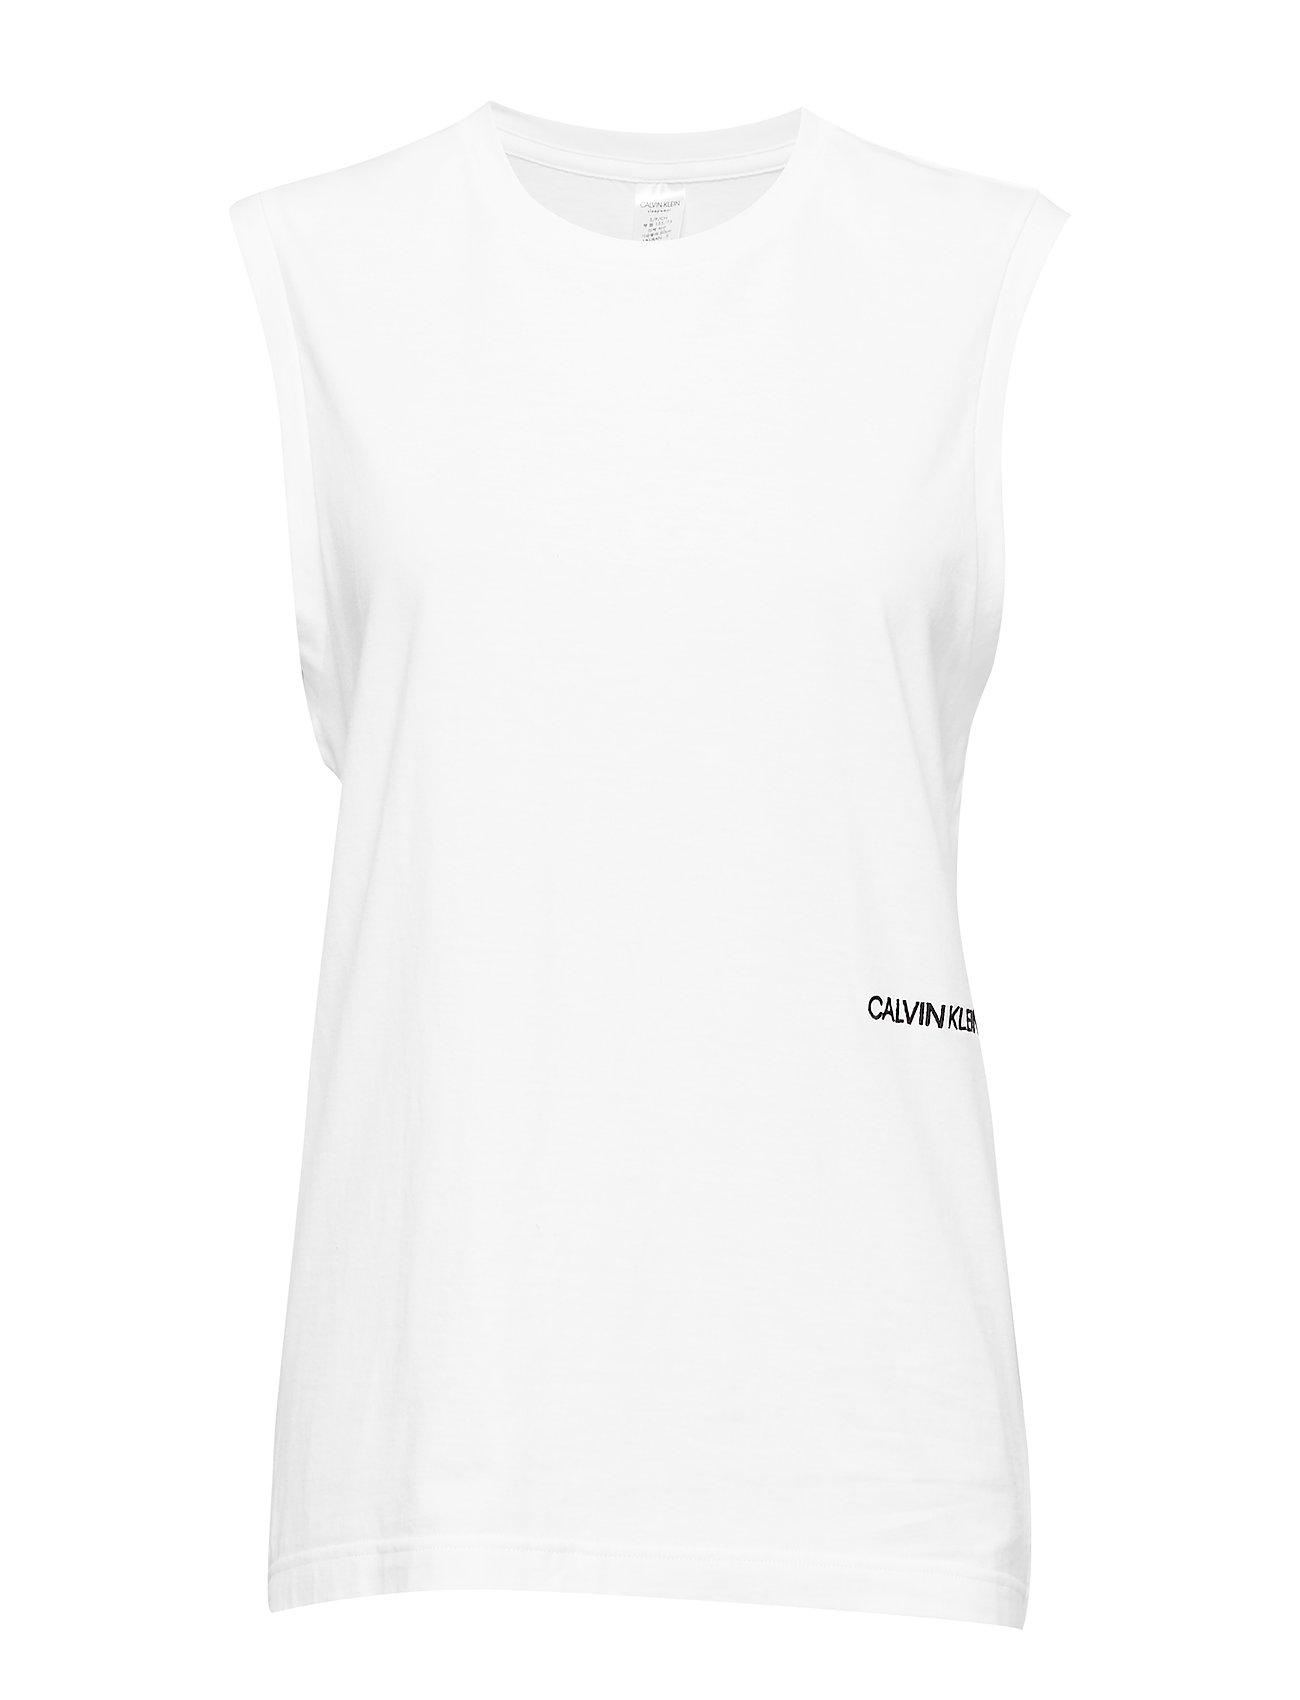 Calvin Klein MUSCLE TANK 2PK - WHITE